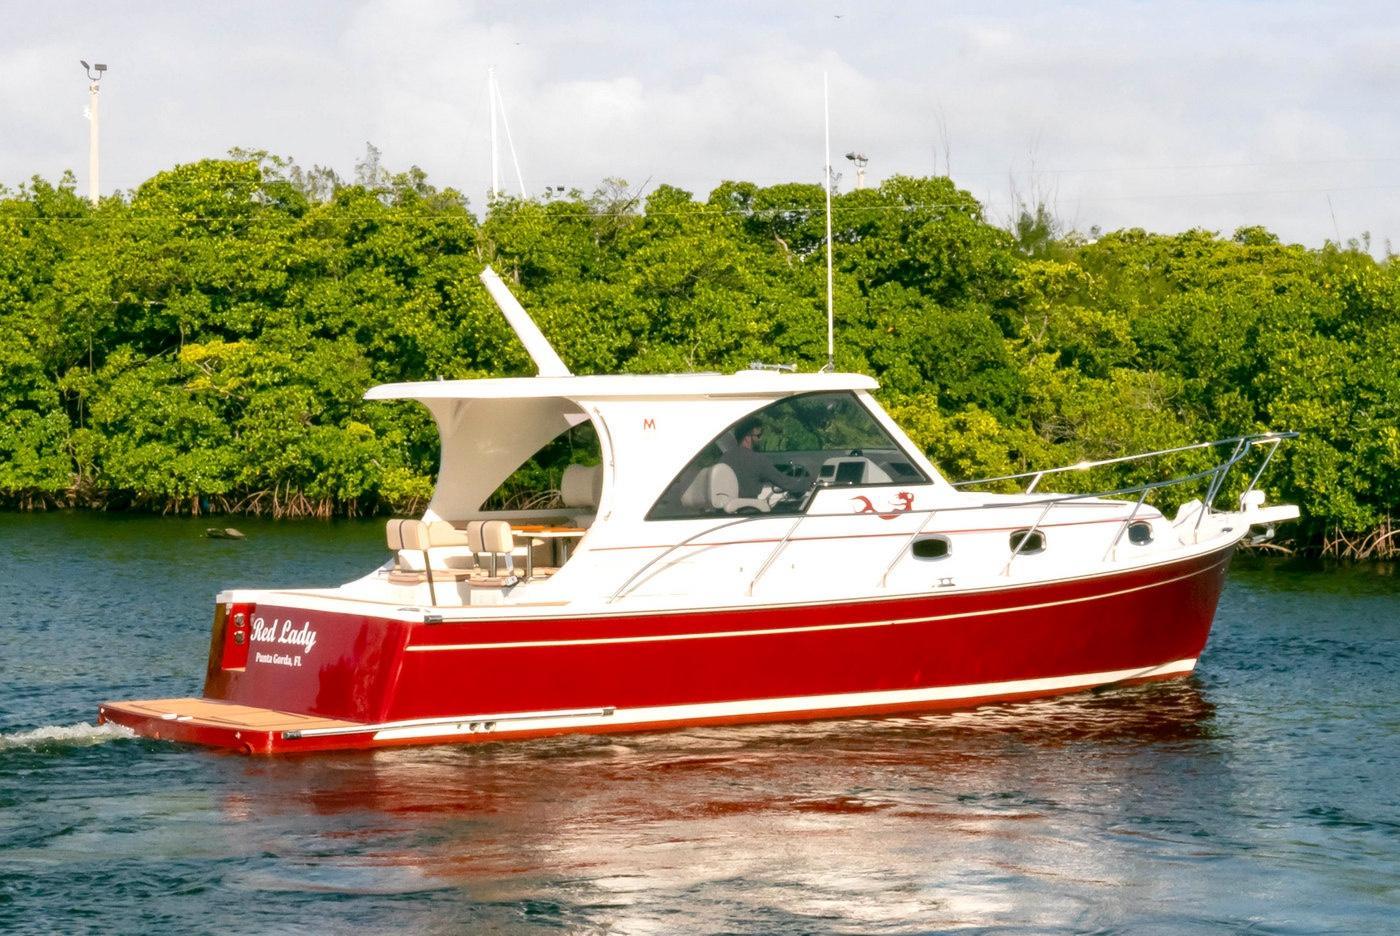 Marlow mainship